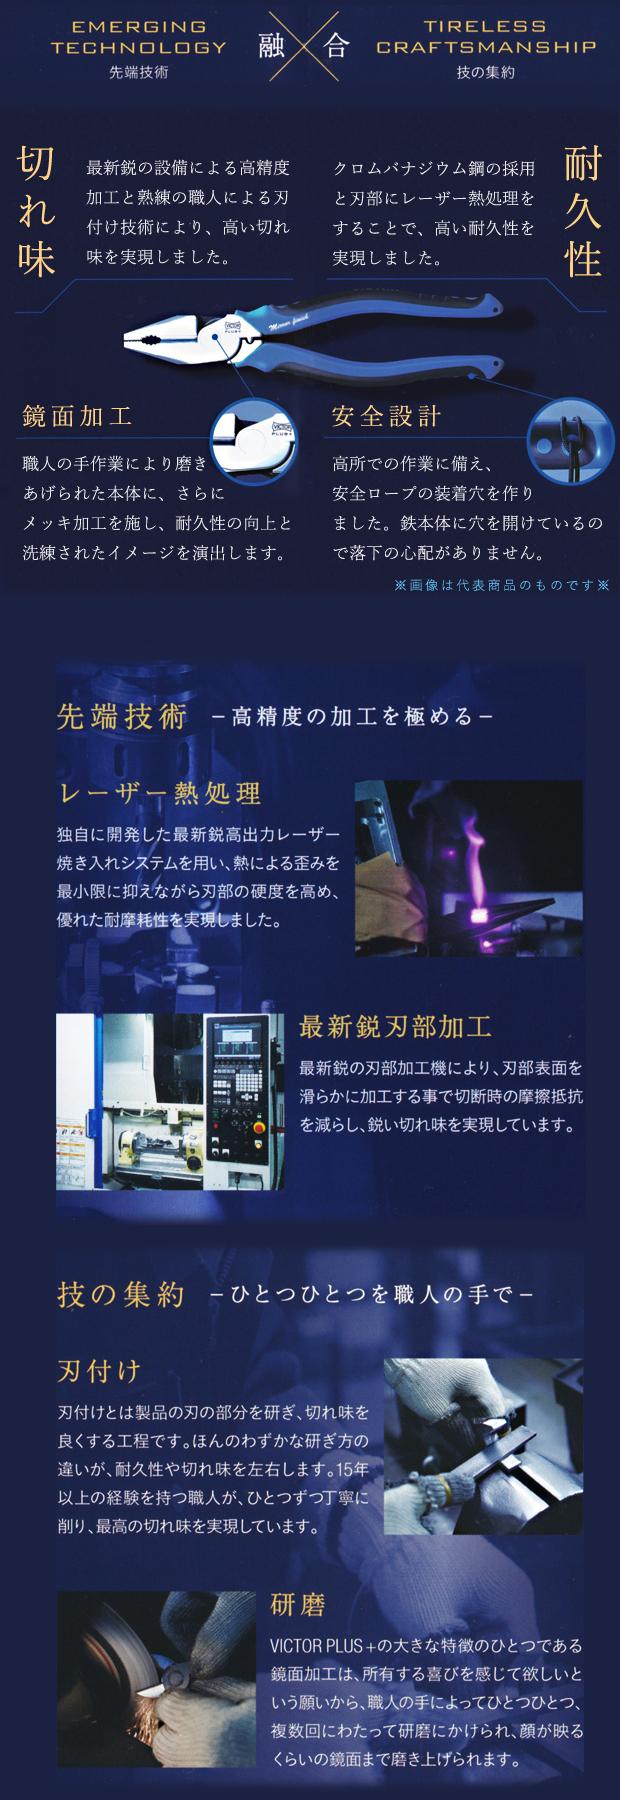 VICTOR PLUS+ 強力ニッパー(薄刃) ZU70-150/ZU70-175